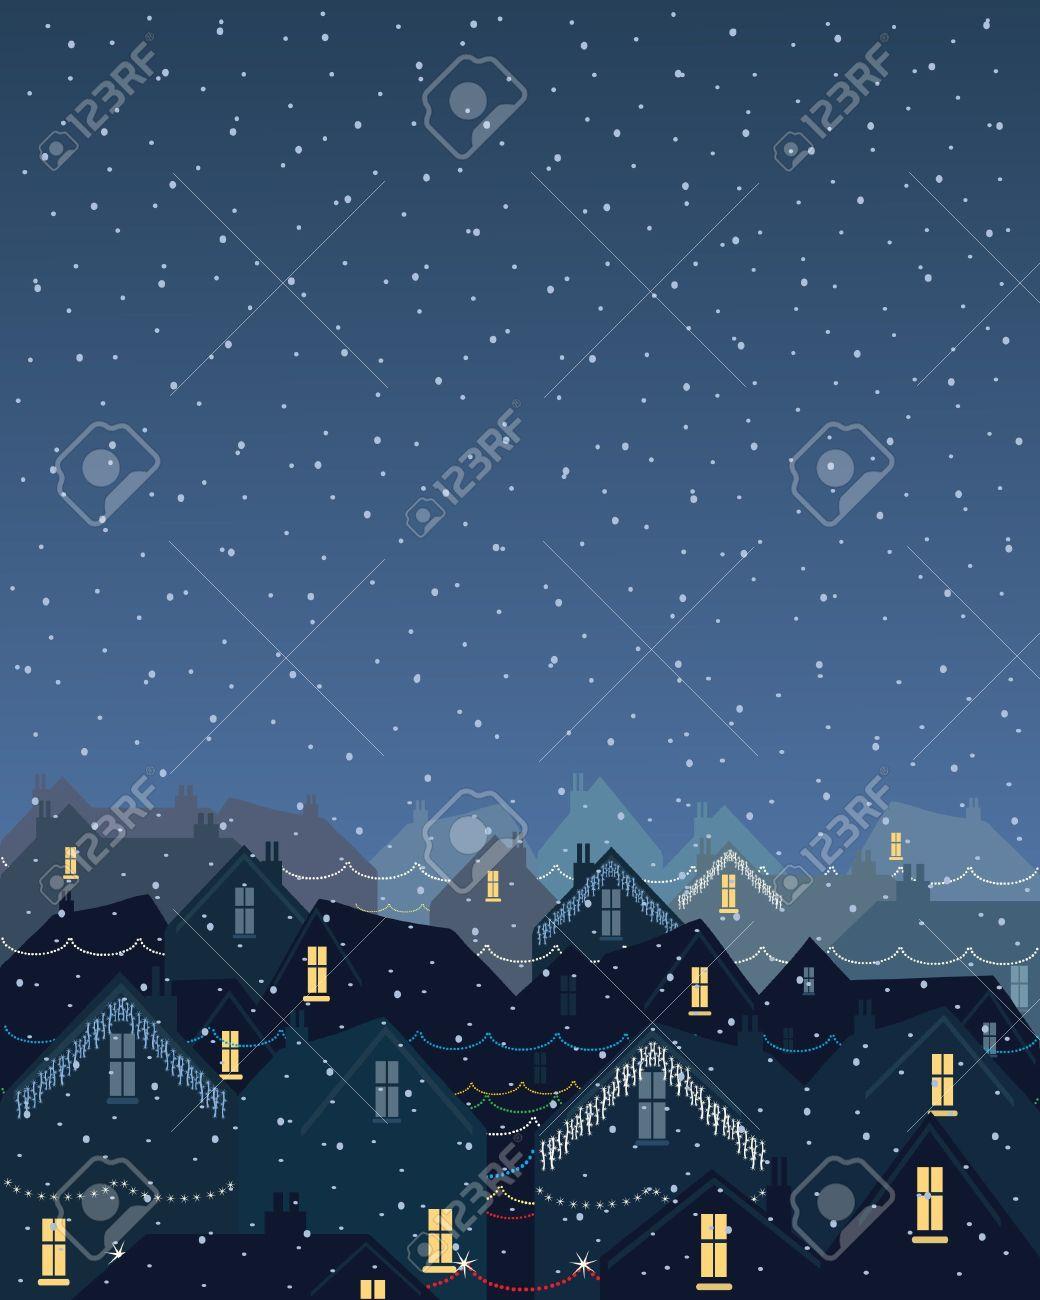 まだ雪の夜にクリスマスの照明を冬に市内の街並みのイラストのイラスト